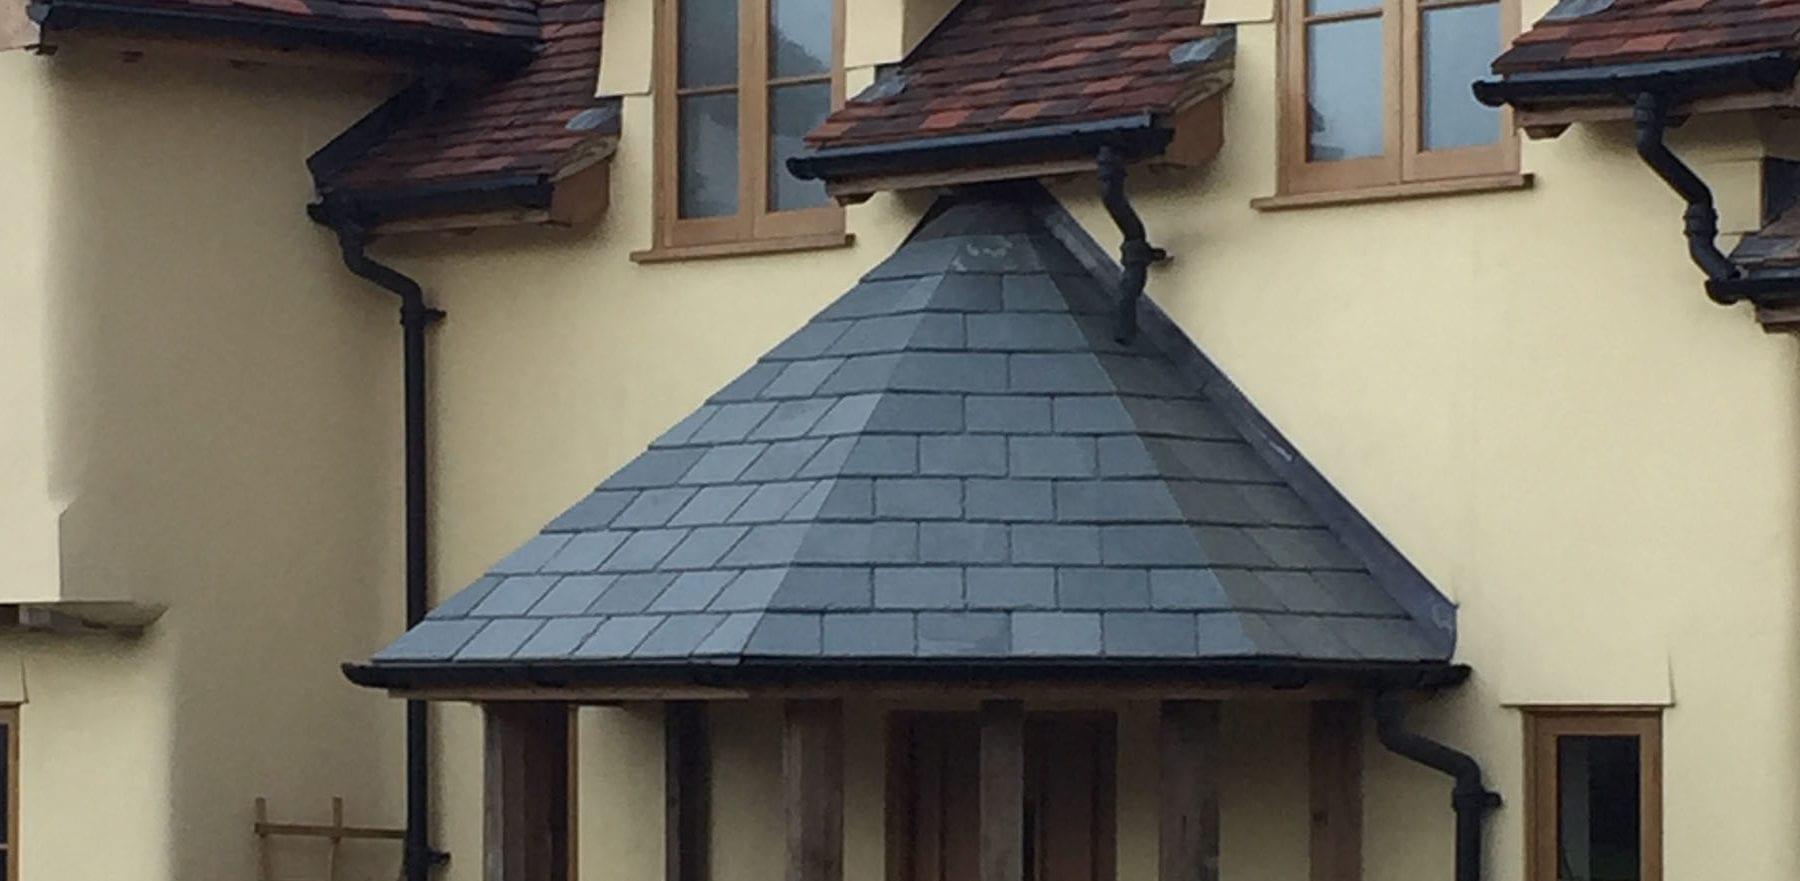 Lifestiles - Brazilian Natural Slate Roof Tiles - Farnham, England 4